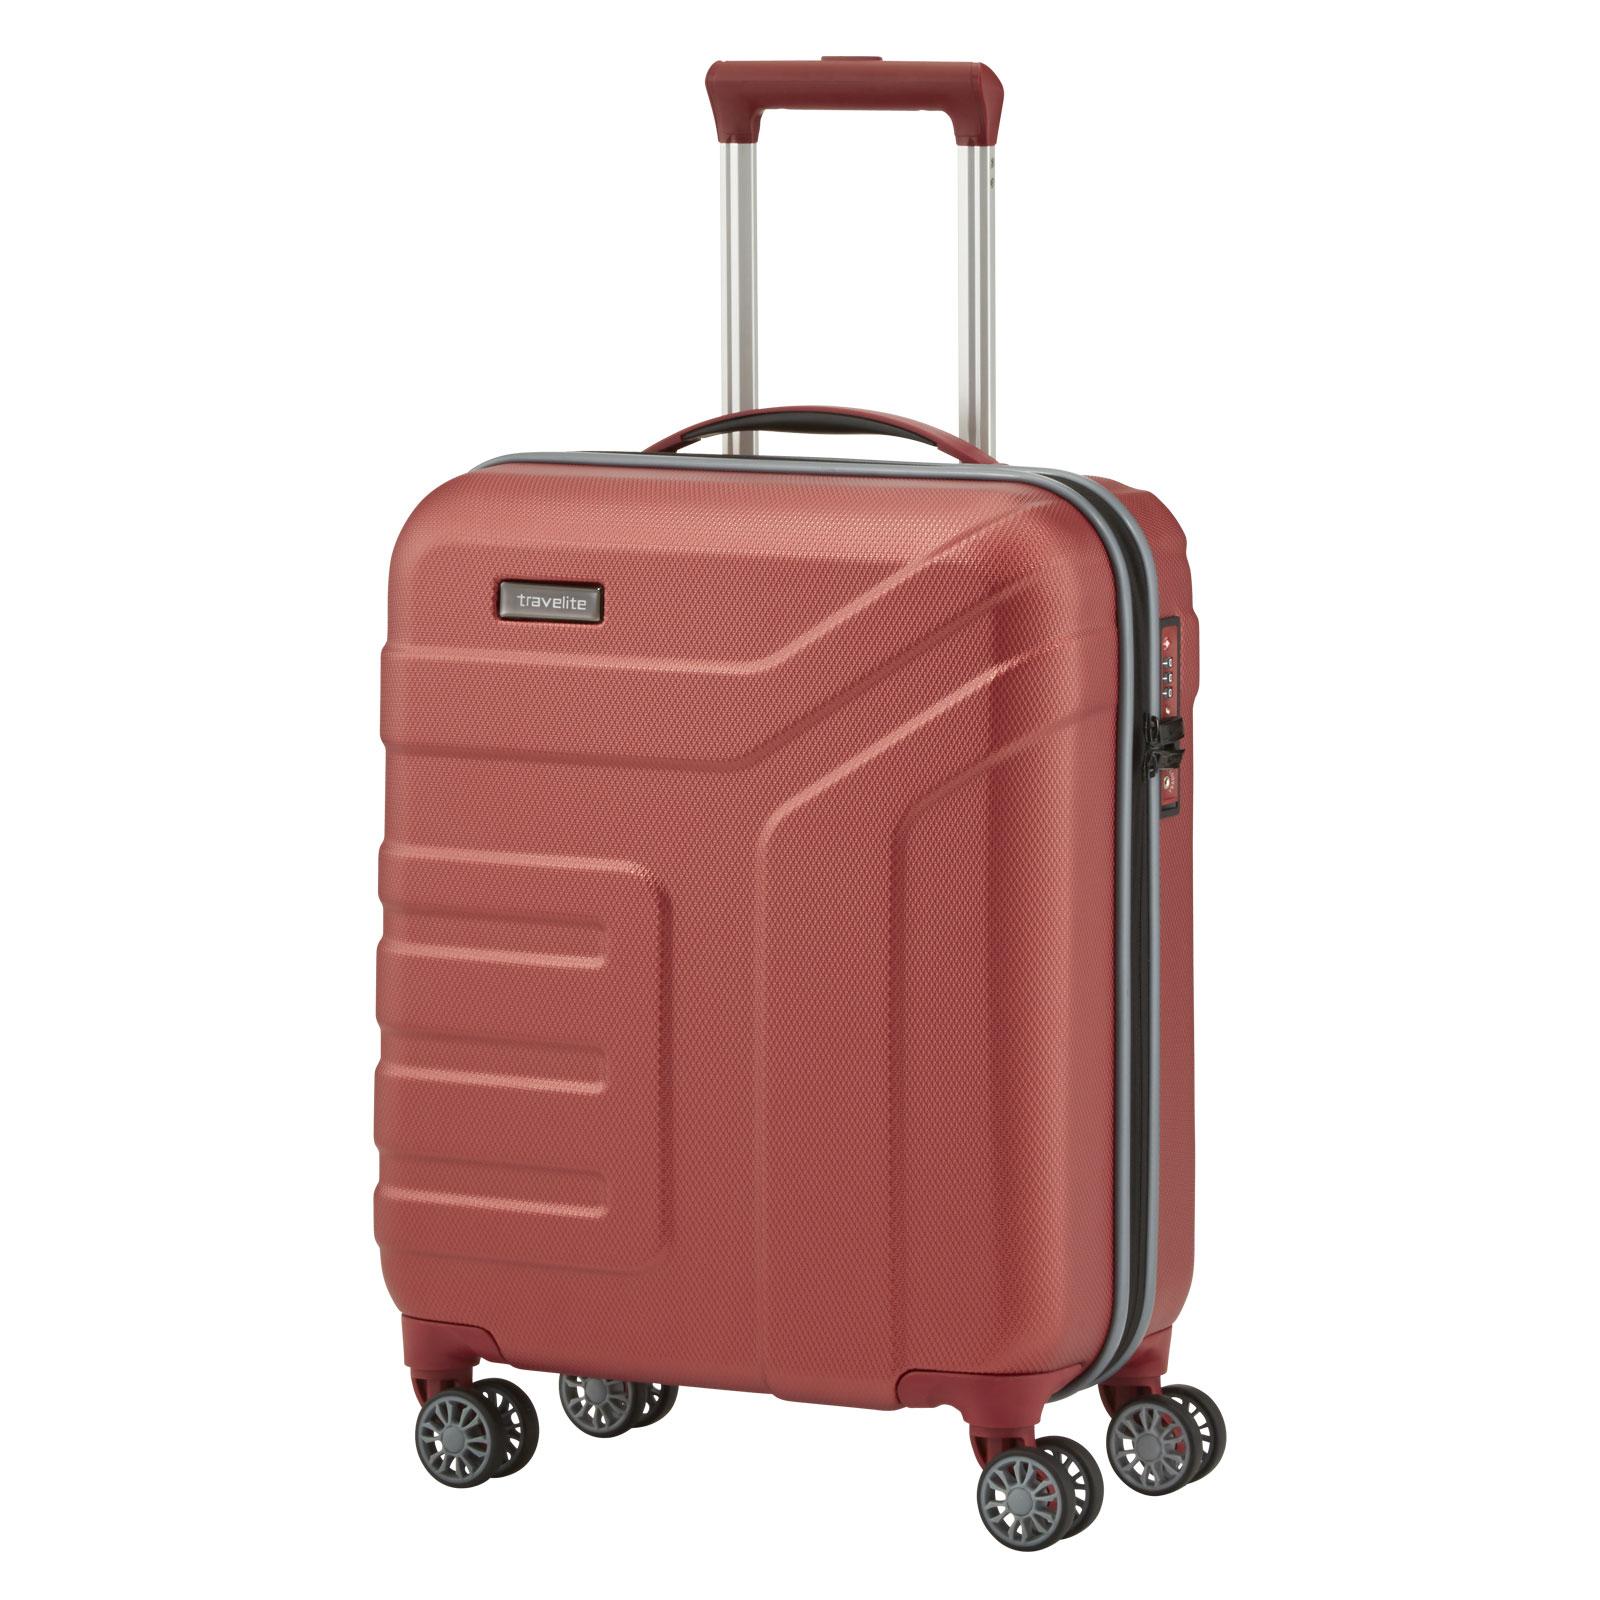 travelite vector trolley 4 rollen klein g nstig kaufen koffermarkt. Black Bedroom Furniture Sets. Home Design Ideas